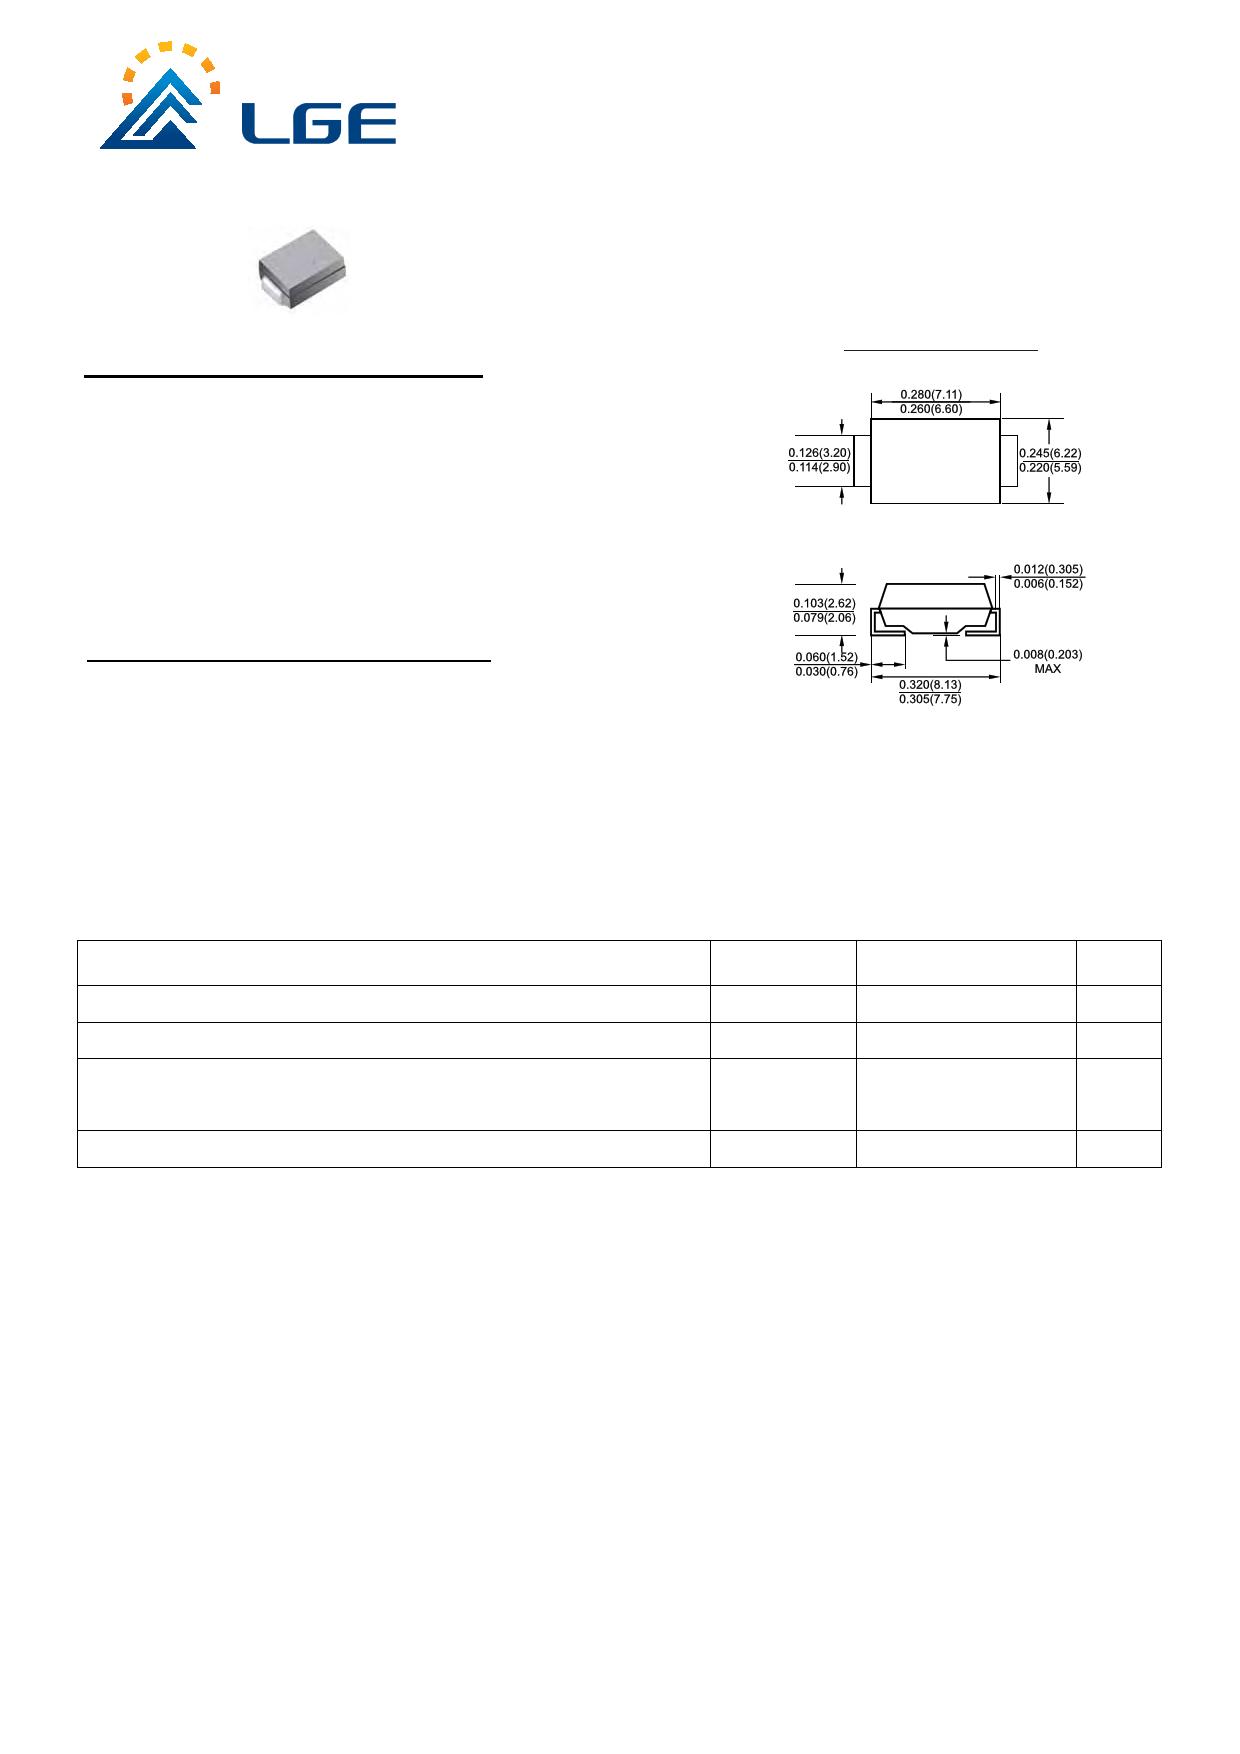 3.0SMCJ170C Datasheet, 3.0SMCJ170C PDF,ピン配置, 機能